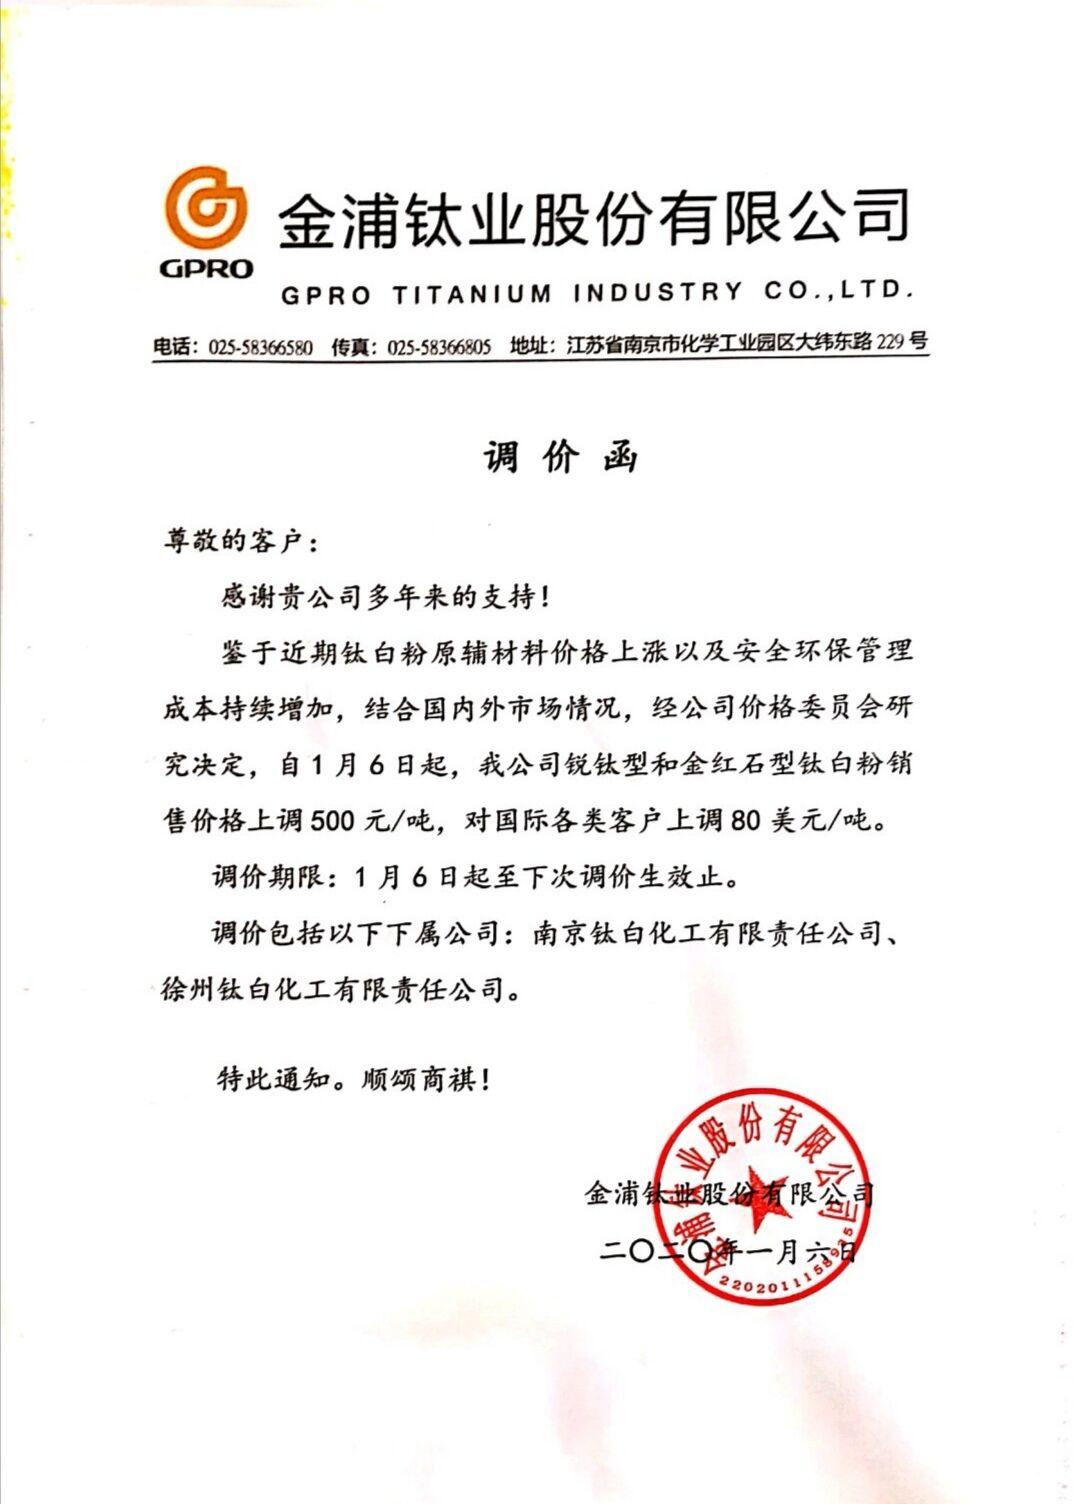 金浦钛业宣布上调钛白粉价格